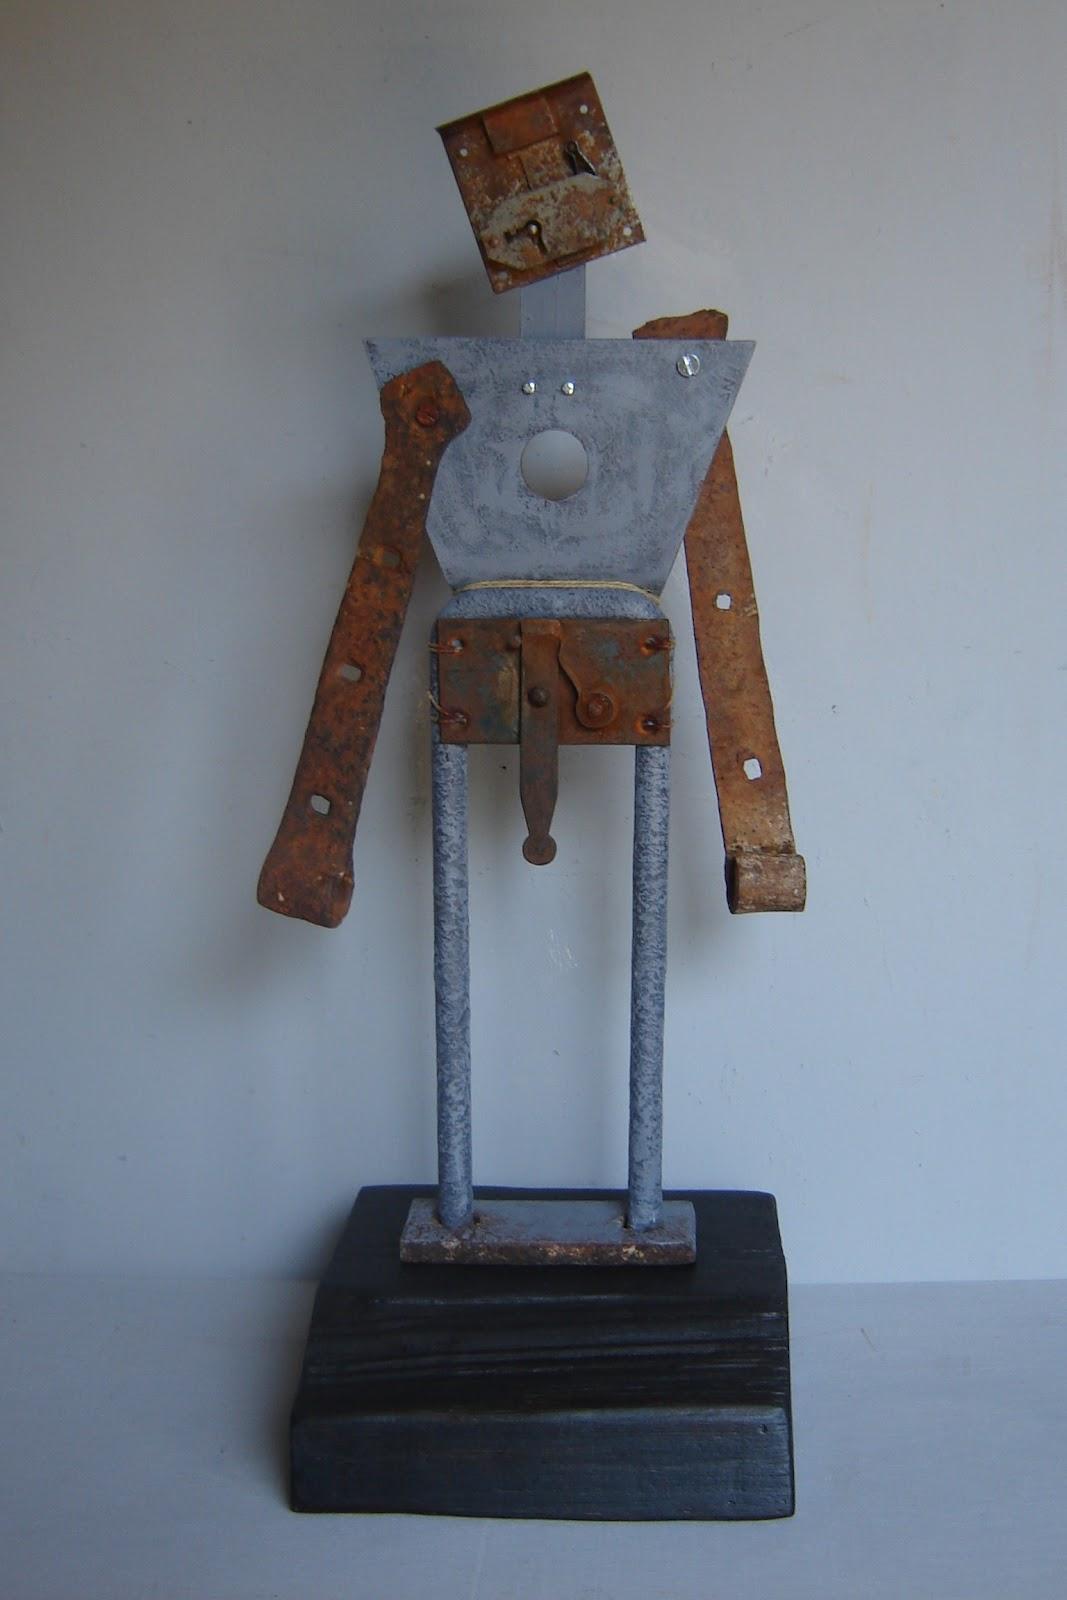 esculturas abstractas y ensamblajes artsticos hechos con materiales encontrados